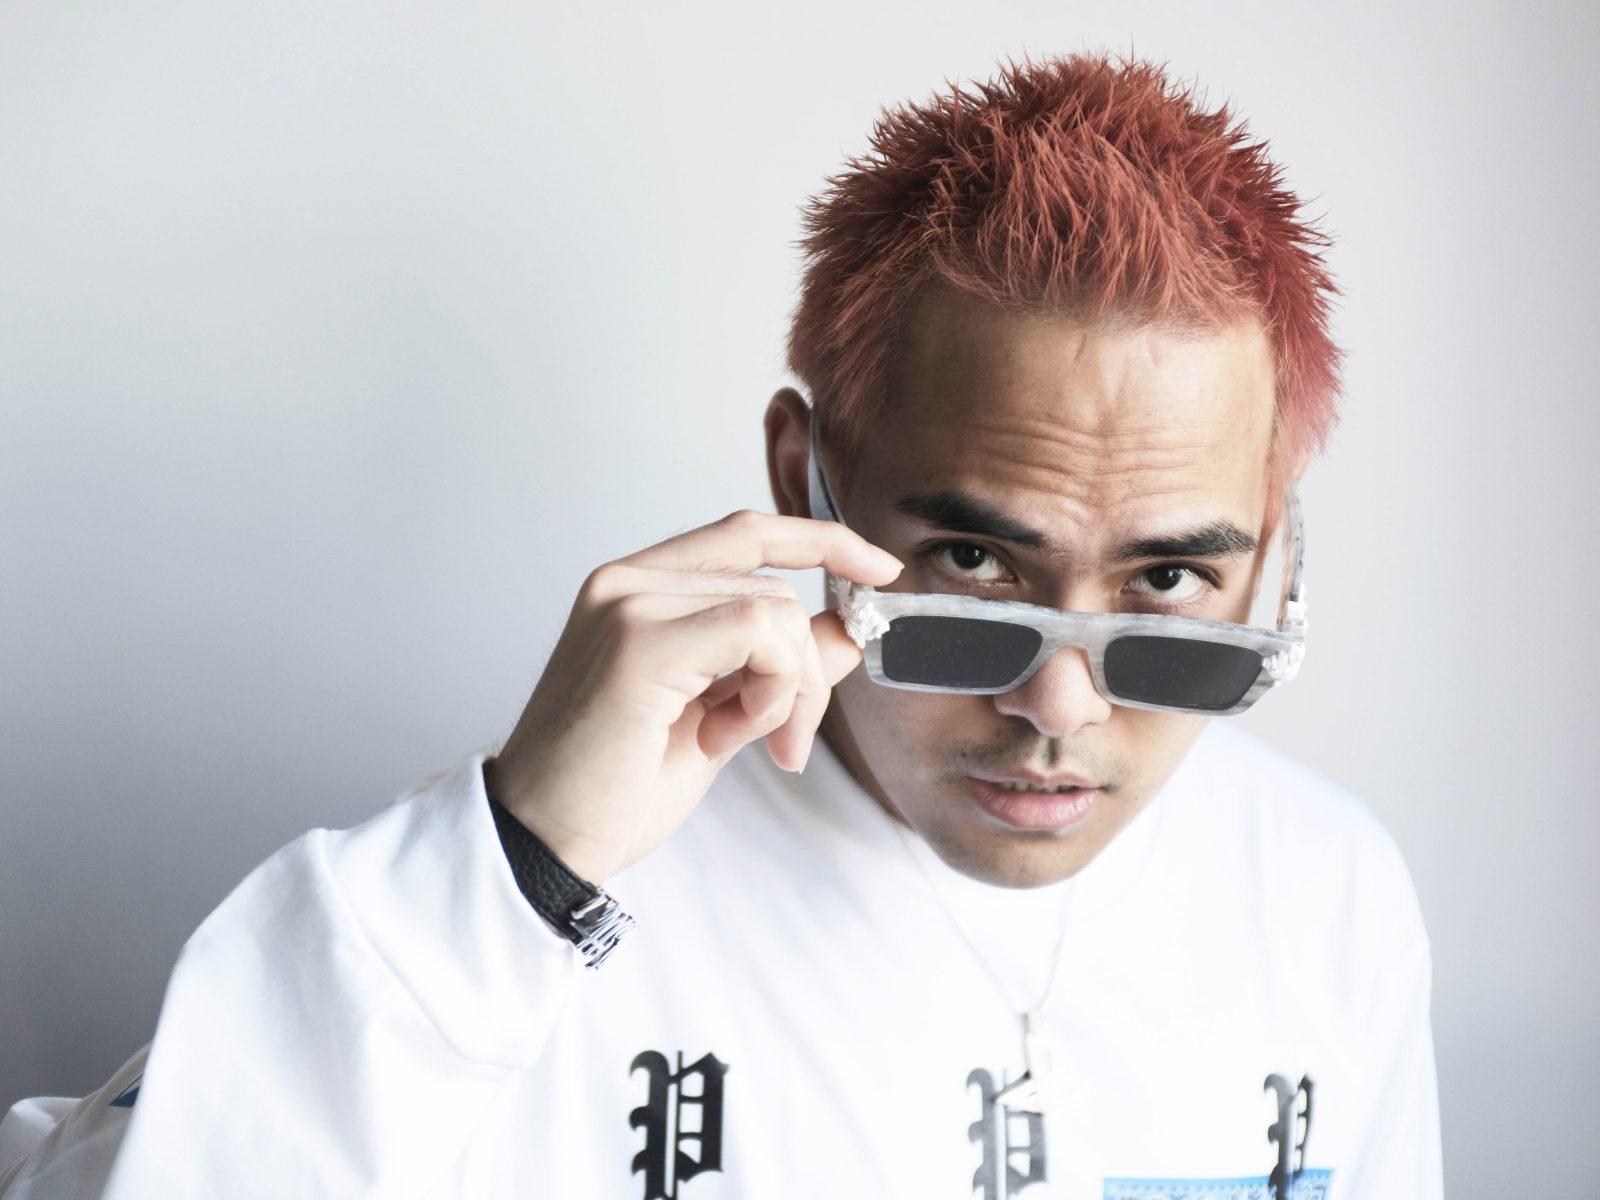 เขย่าศีลธรรมด้วยเพลงฮิปฮอป และถ่ายทอดความวิปลาสของสัตว์ที่ชื่อว่า 'มนุษย์'  สไตล์ YOUNGGU